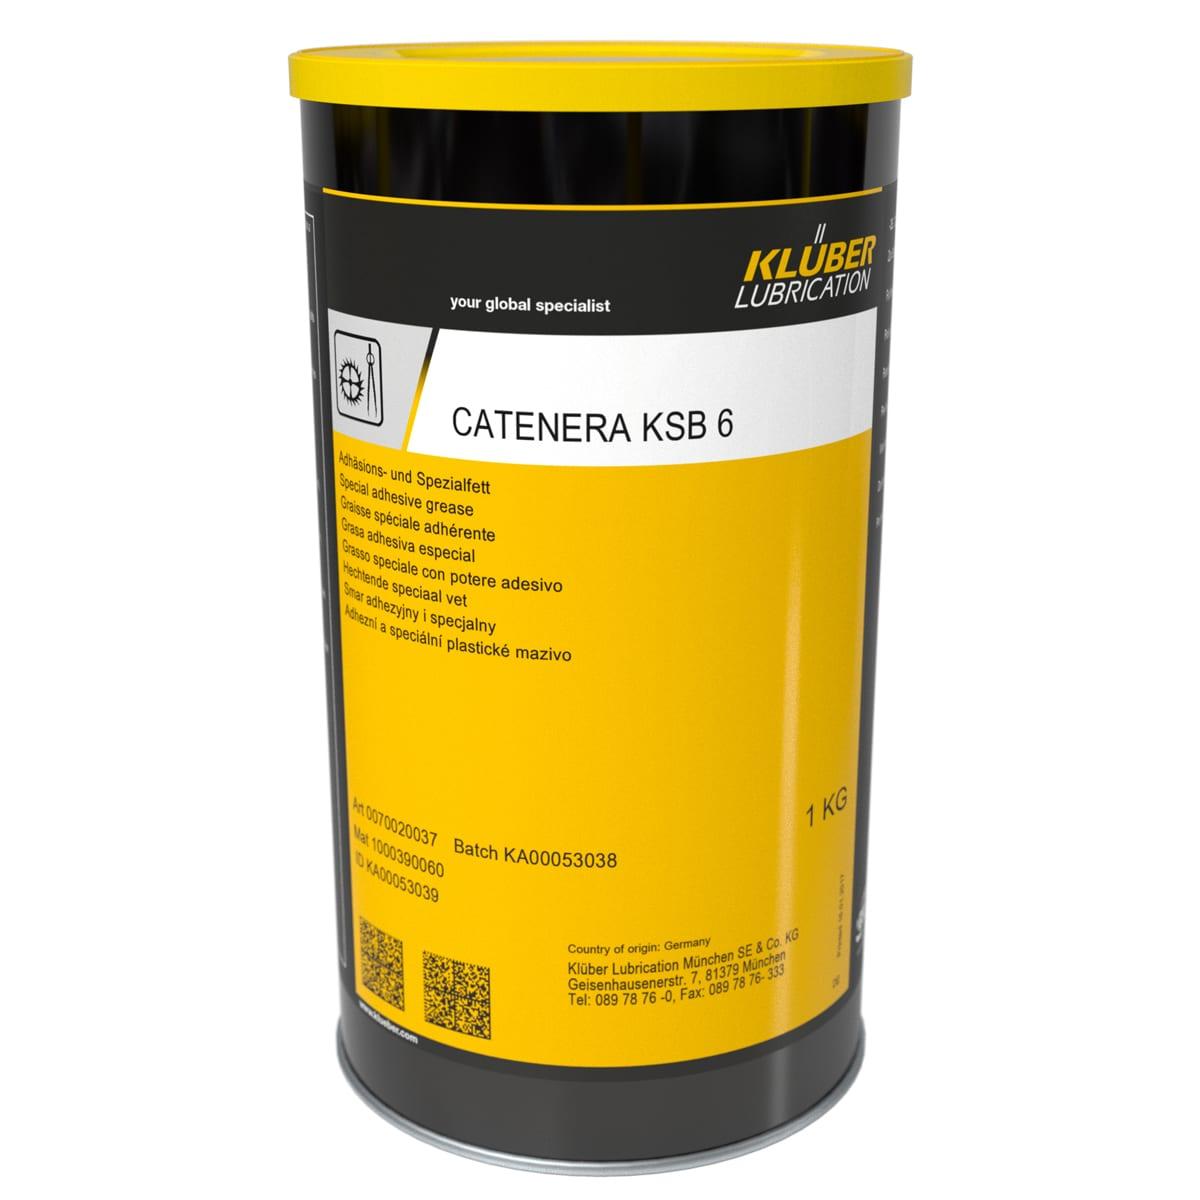 Kluber Catenera KSB 6, KSB 8, KSB 12